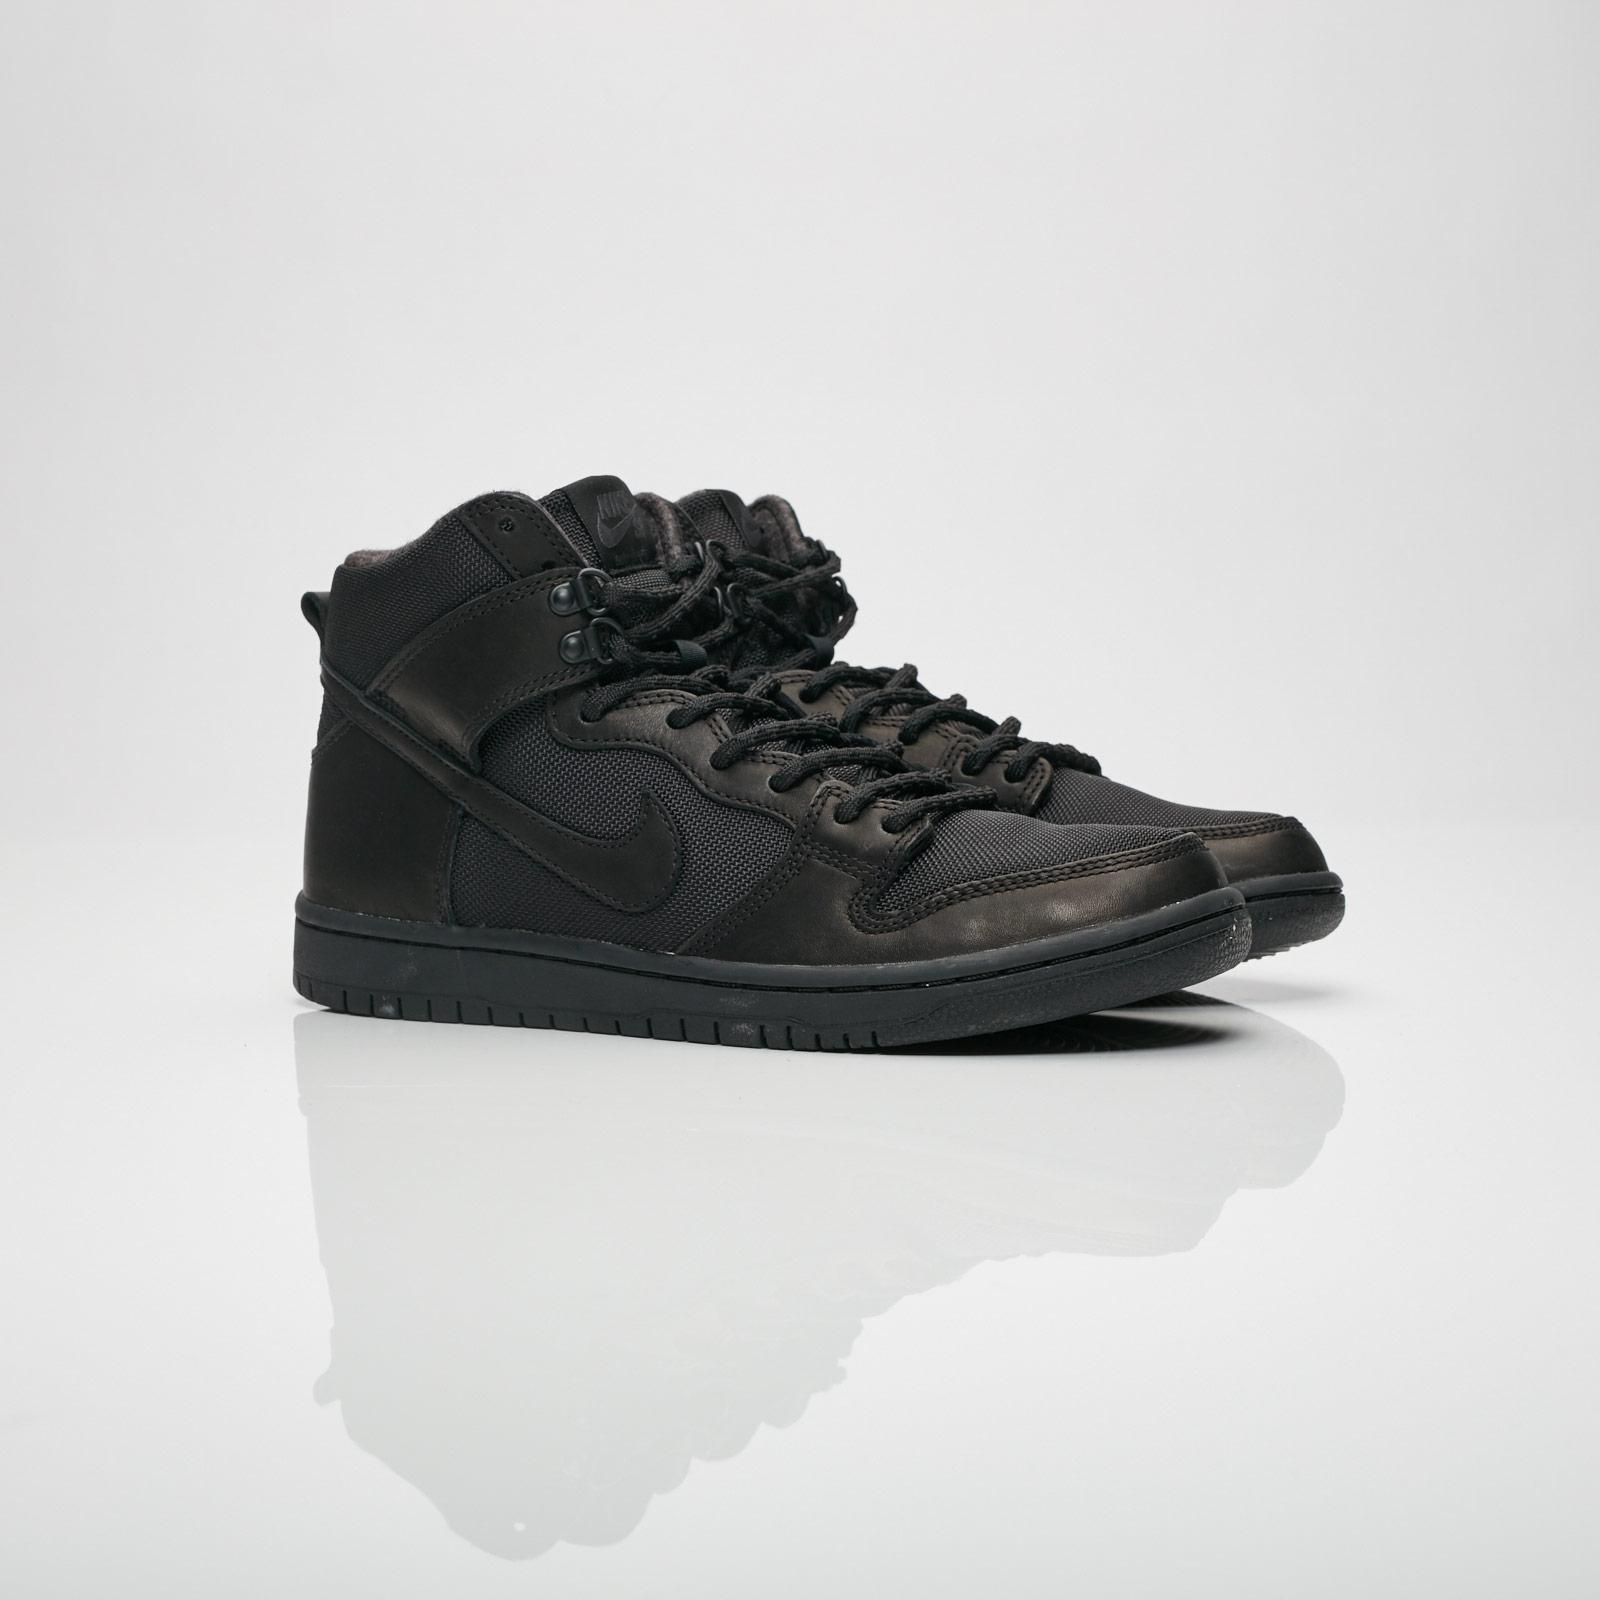 752d66b5e77 Nike Zoom Dunk Hi Pro BOTA - 923110-001 - Sneakersnstuff